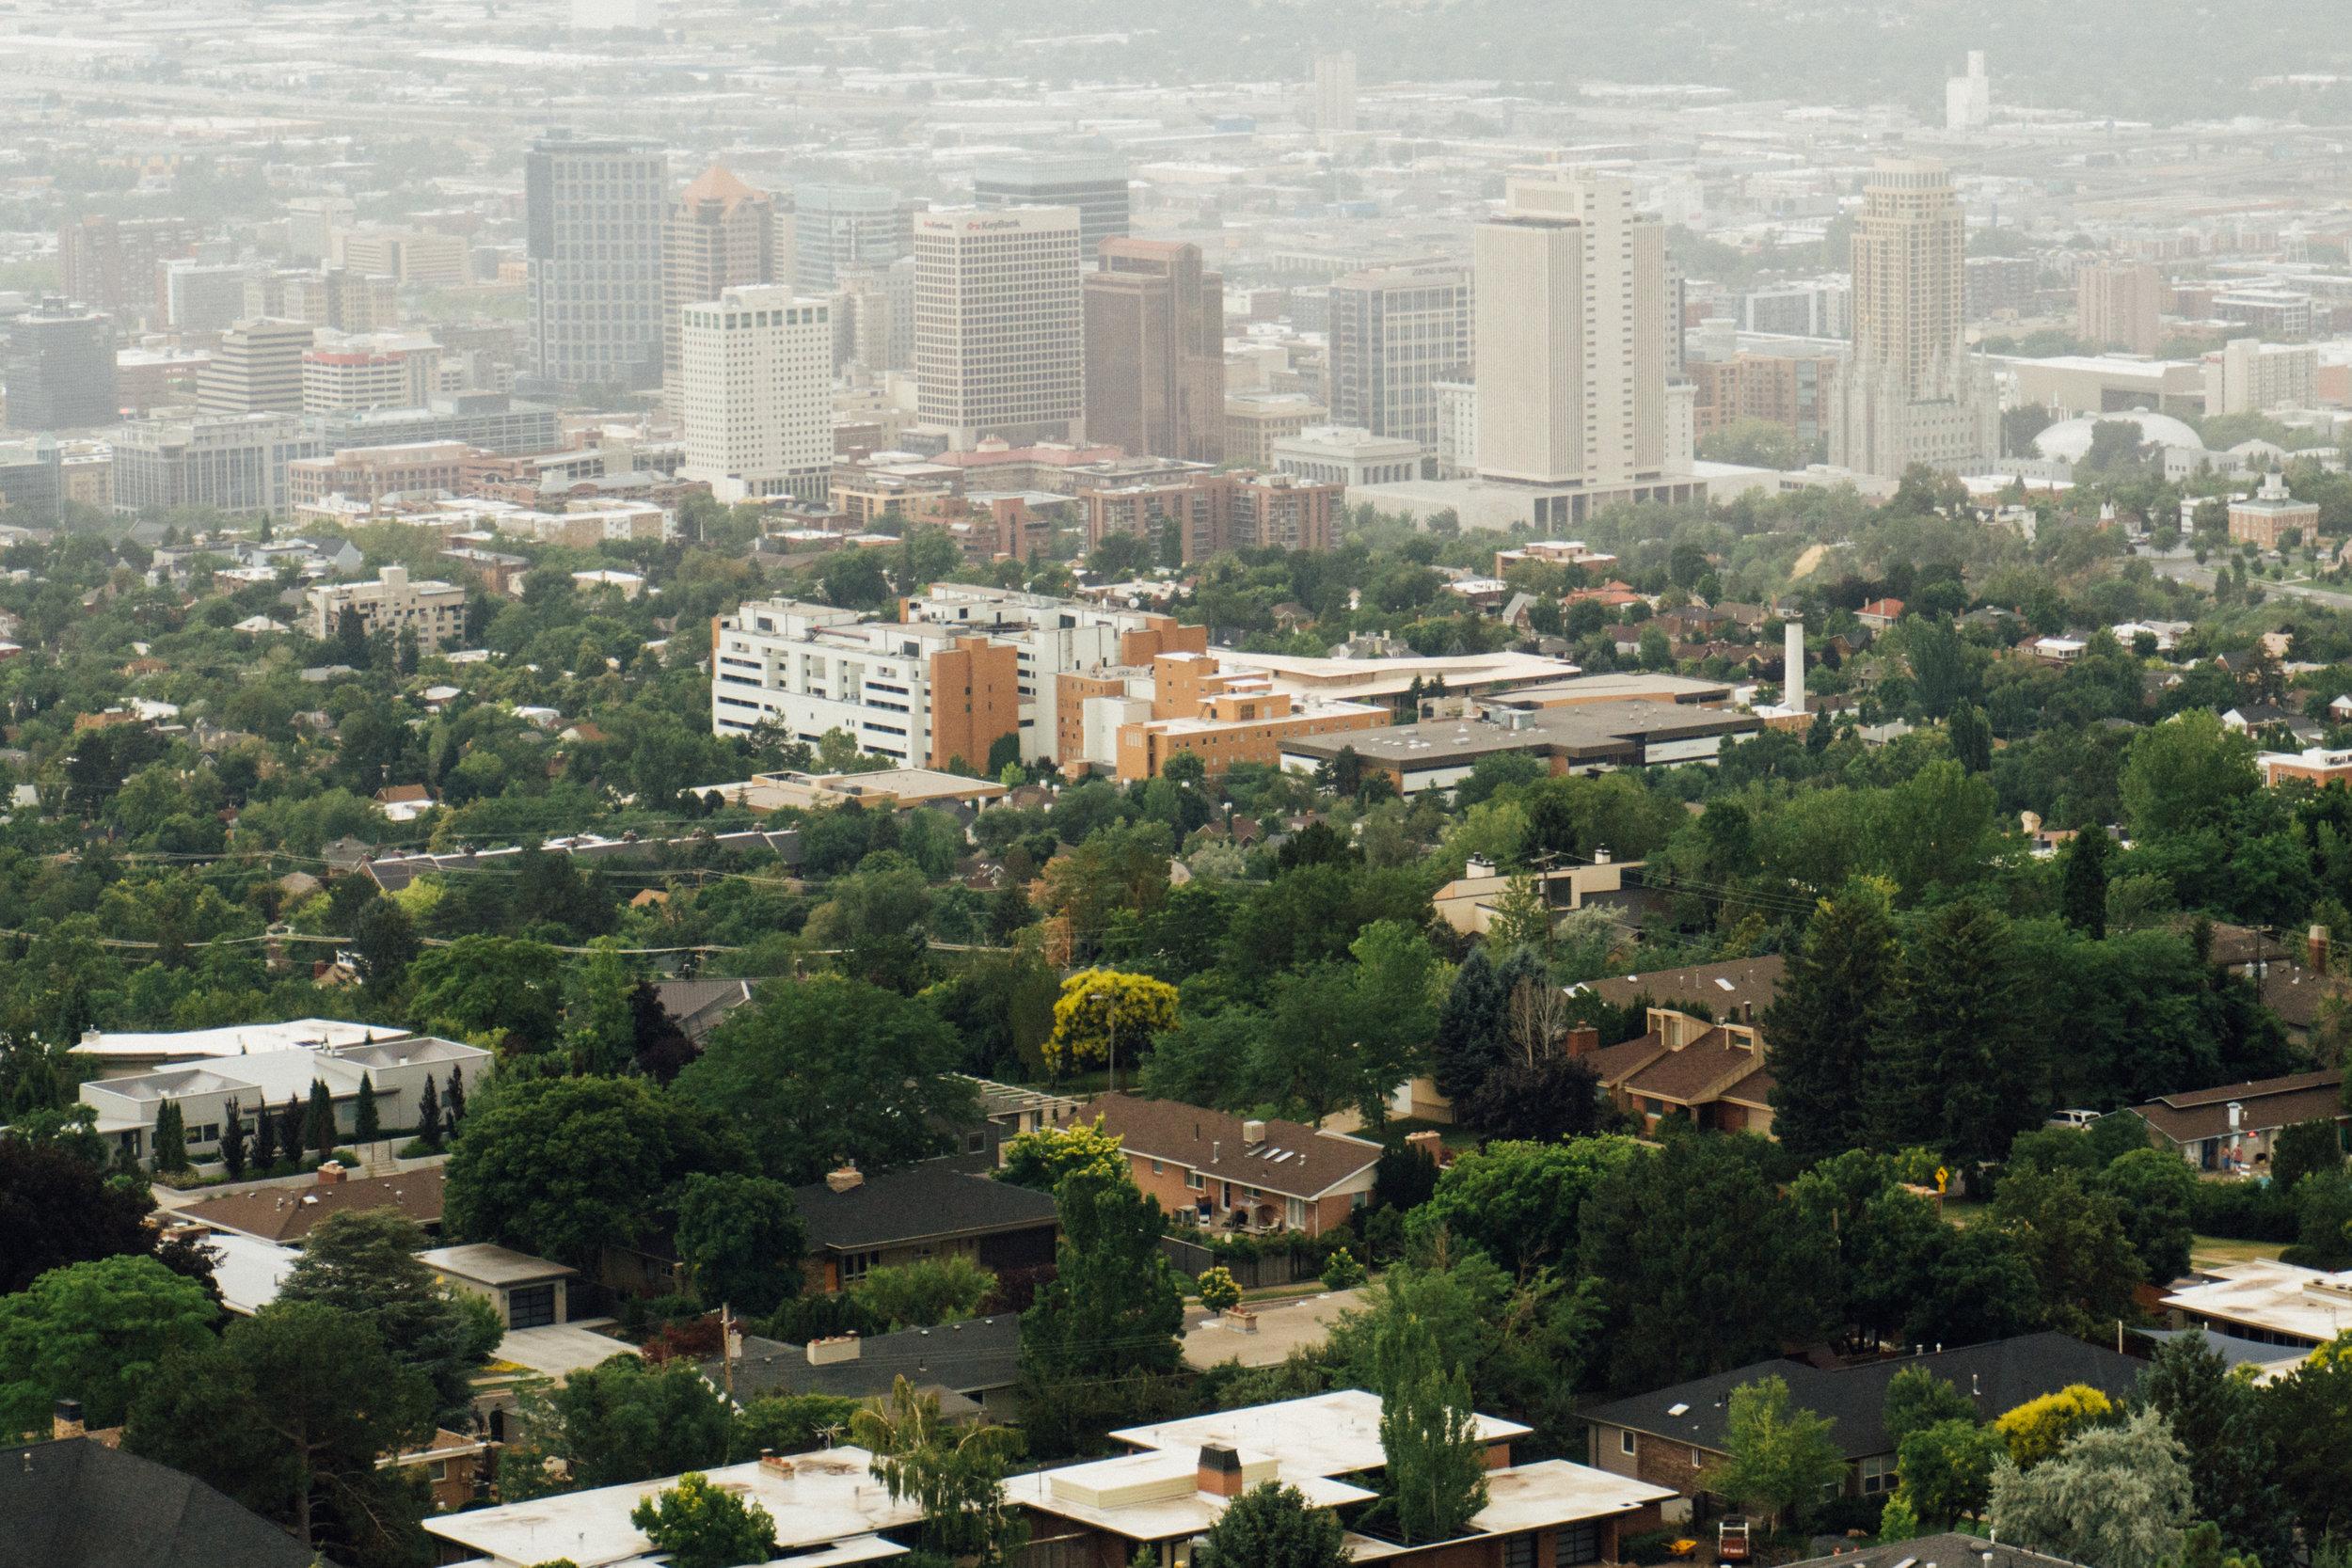 02: Salt Lake City